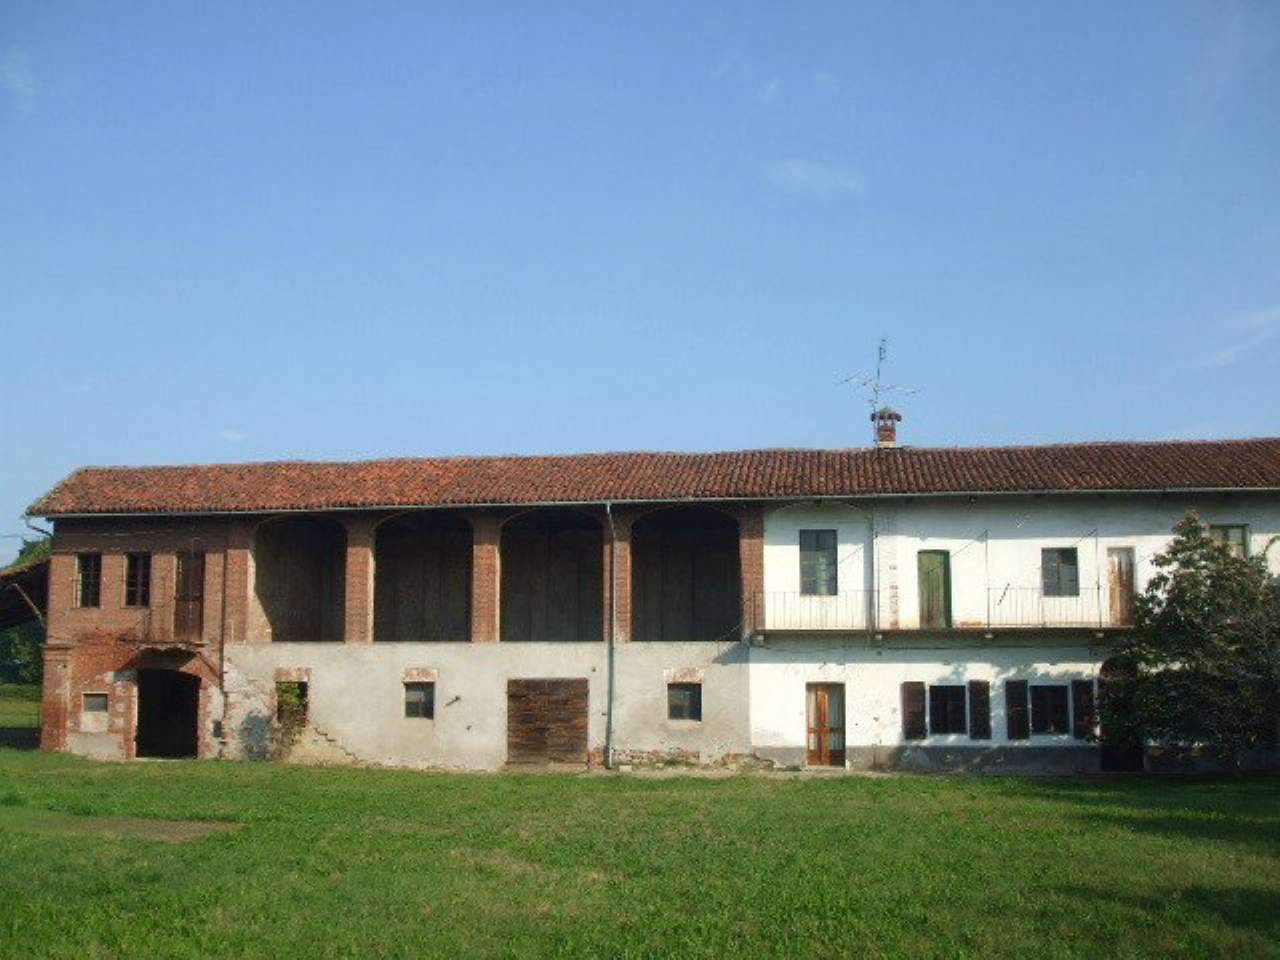 Rustico in Vendita a Pinerolo: 5 locali, 500 mq